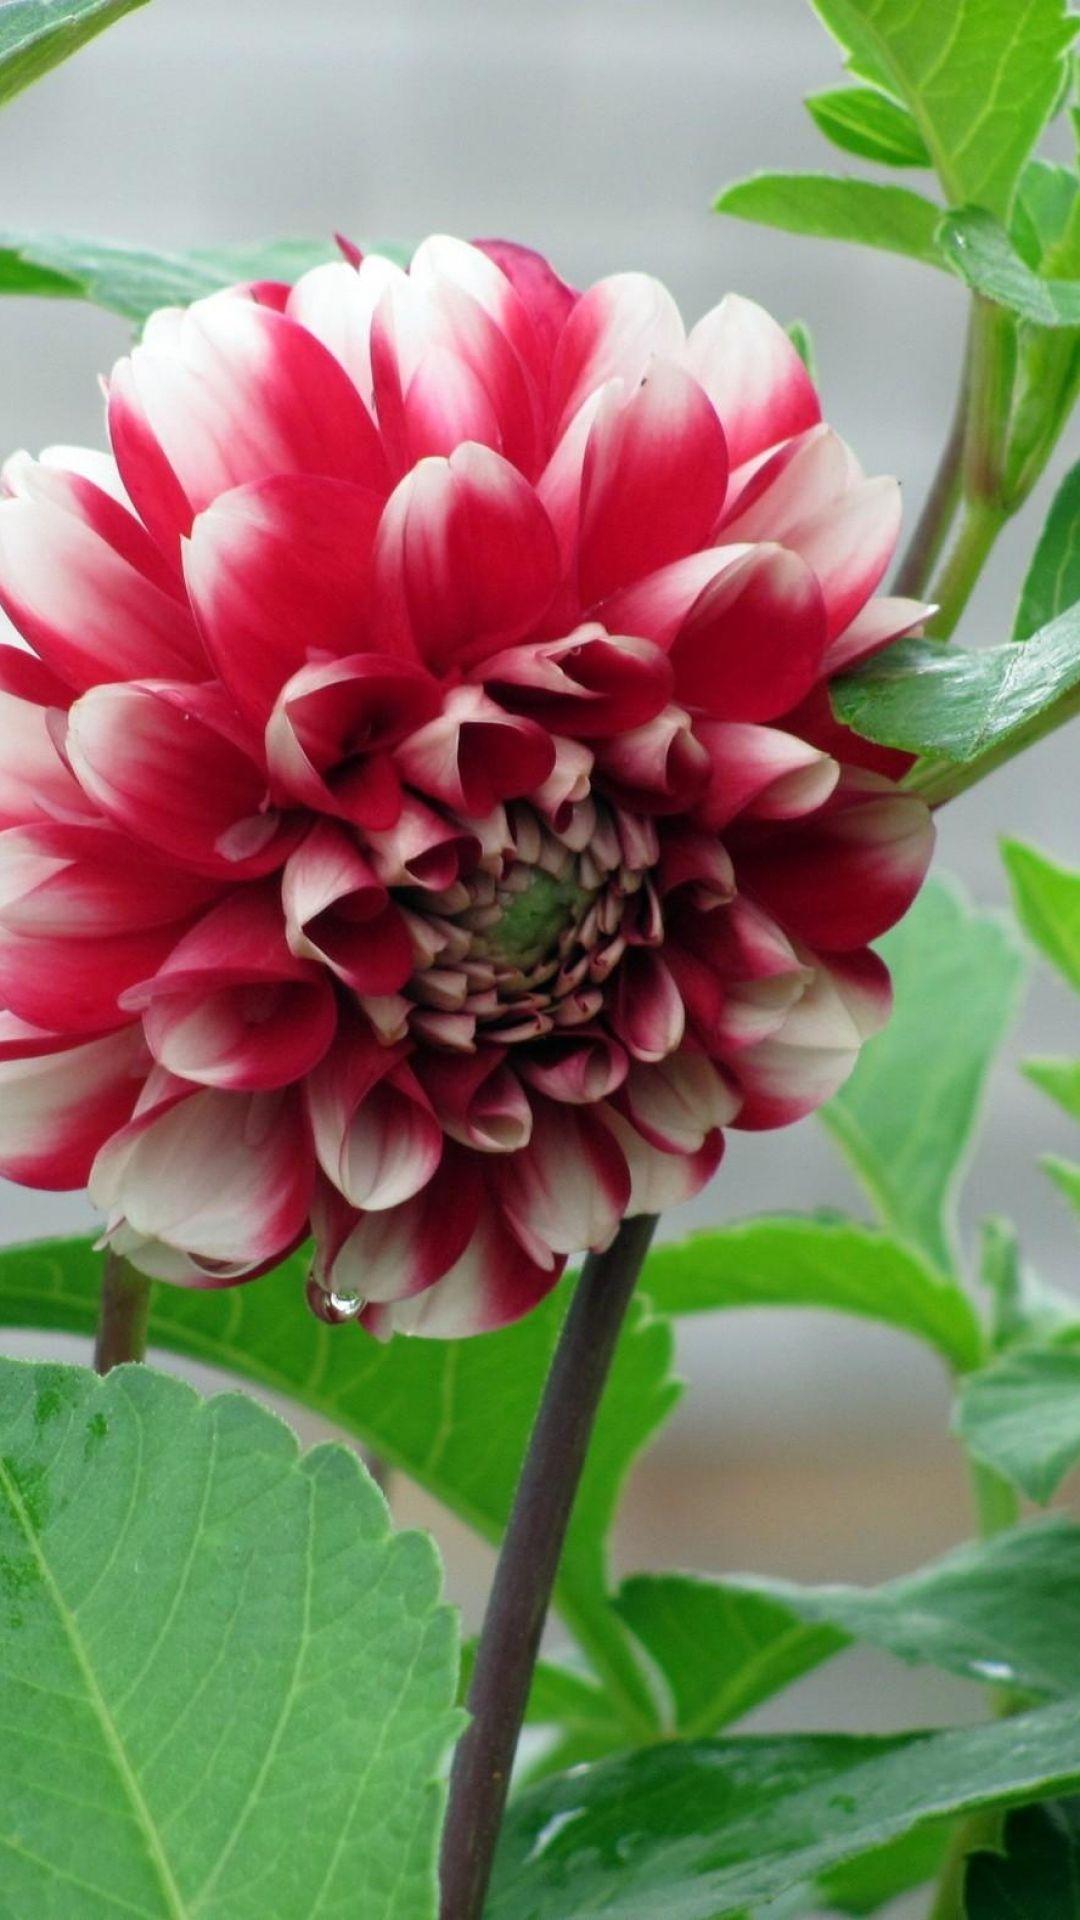 Dahlia Flower Bud Stems Leaves New Flower Wallpaper Best Flower Wallpaper Flower Wallpaper